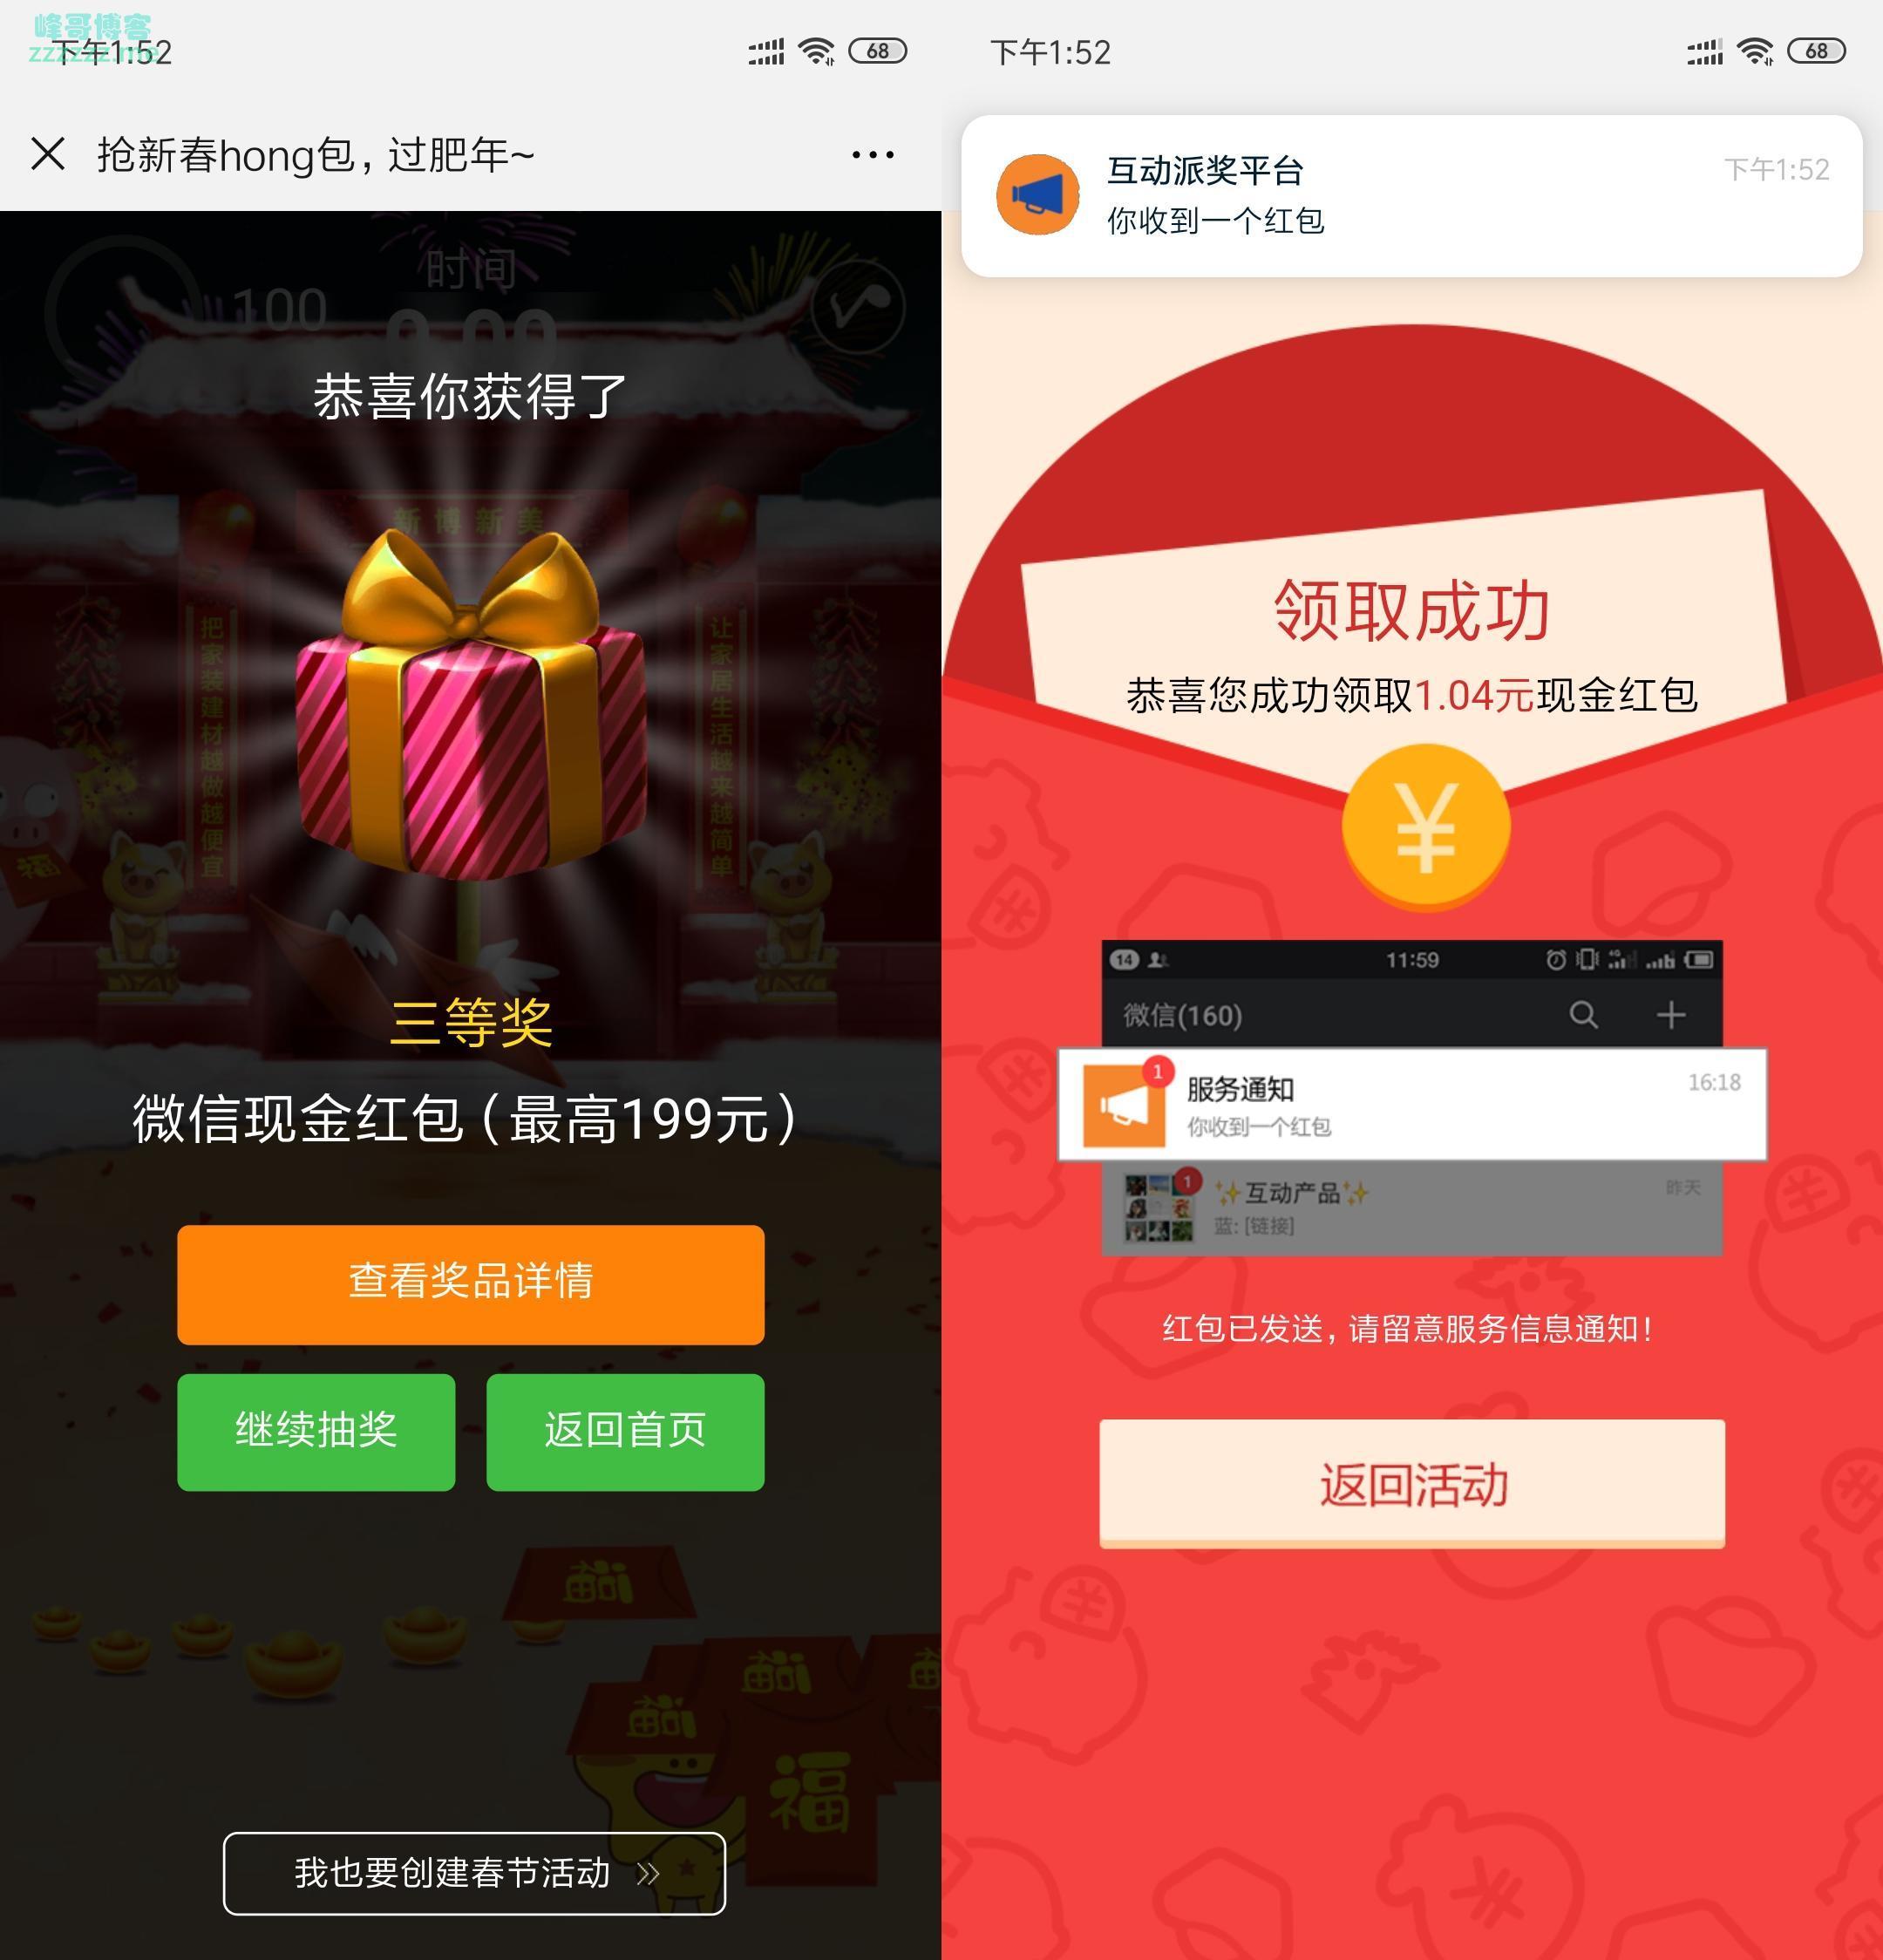 微信新博新美抢新春红包最高199元红包 凡科活动亲测中1.04元